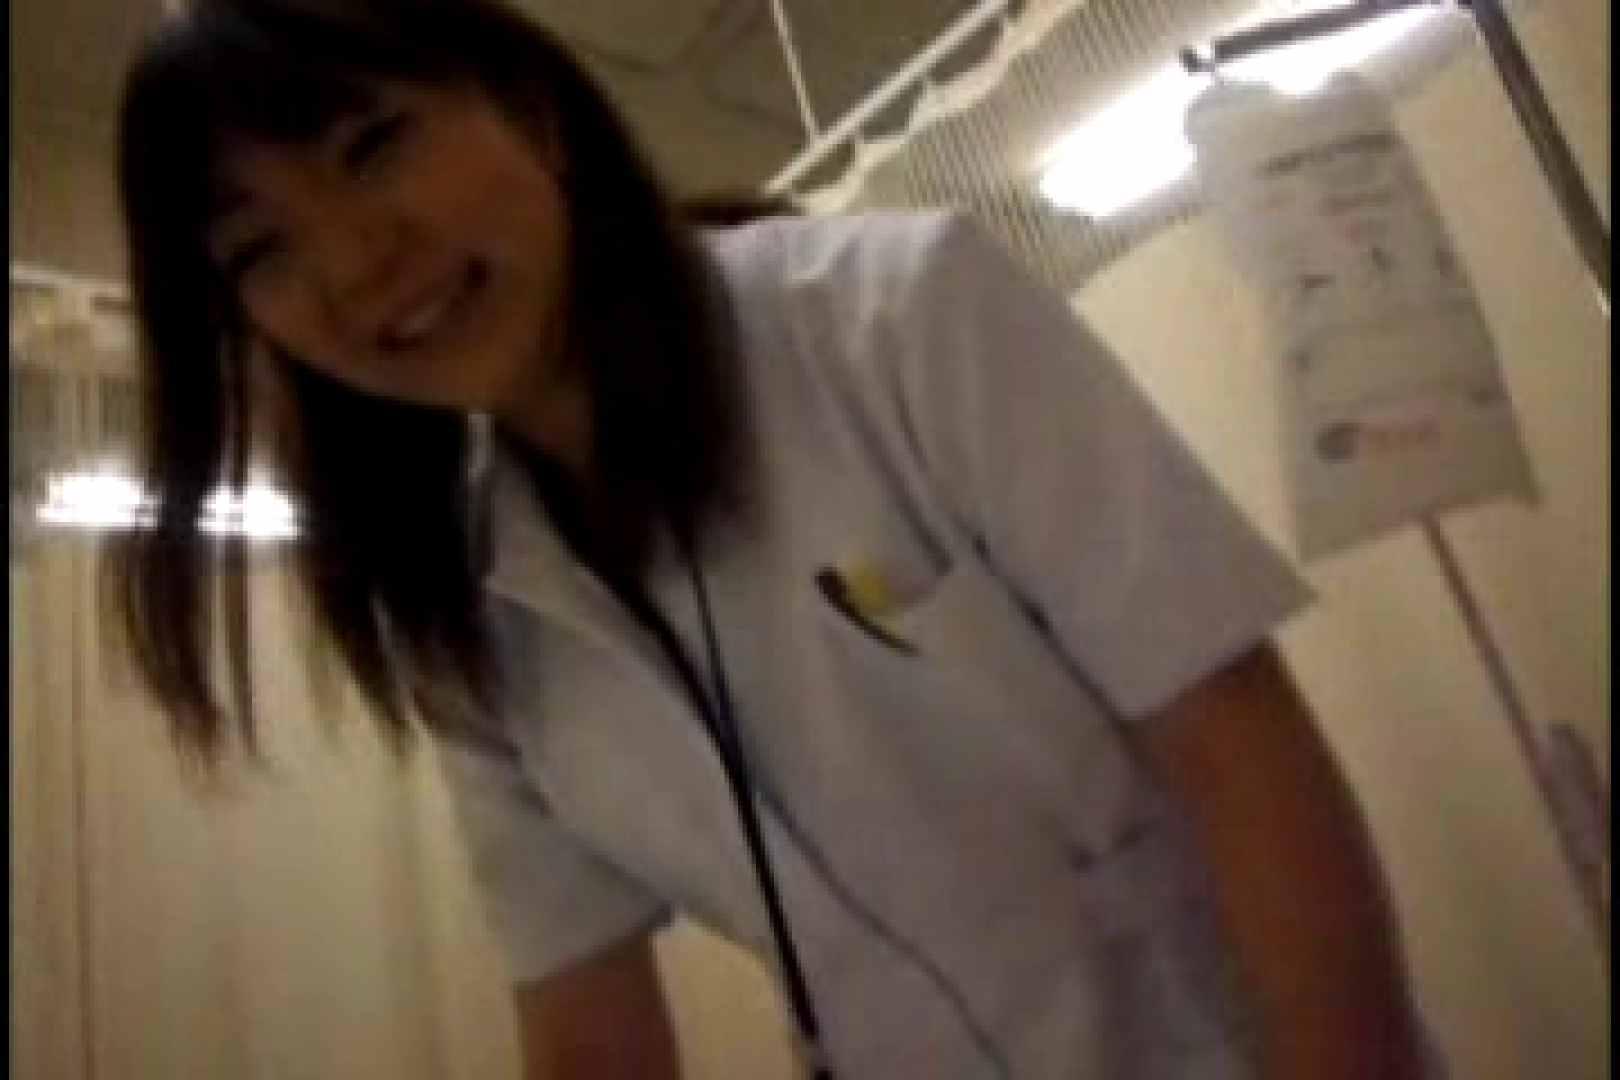 ヤリマンと呼ばれた看護士さんvol1 シックスナイン  98pic 13